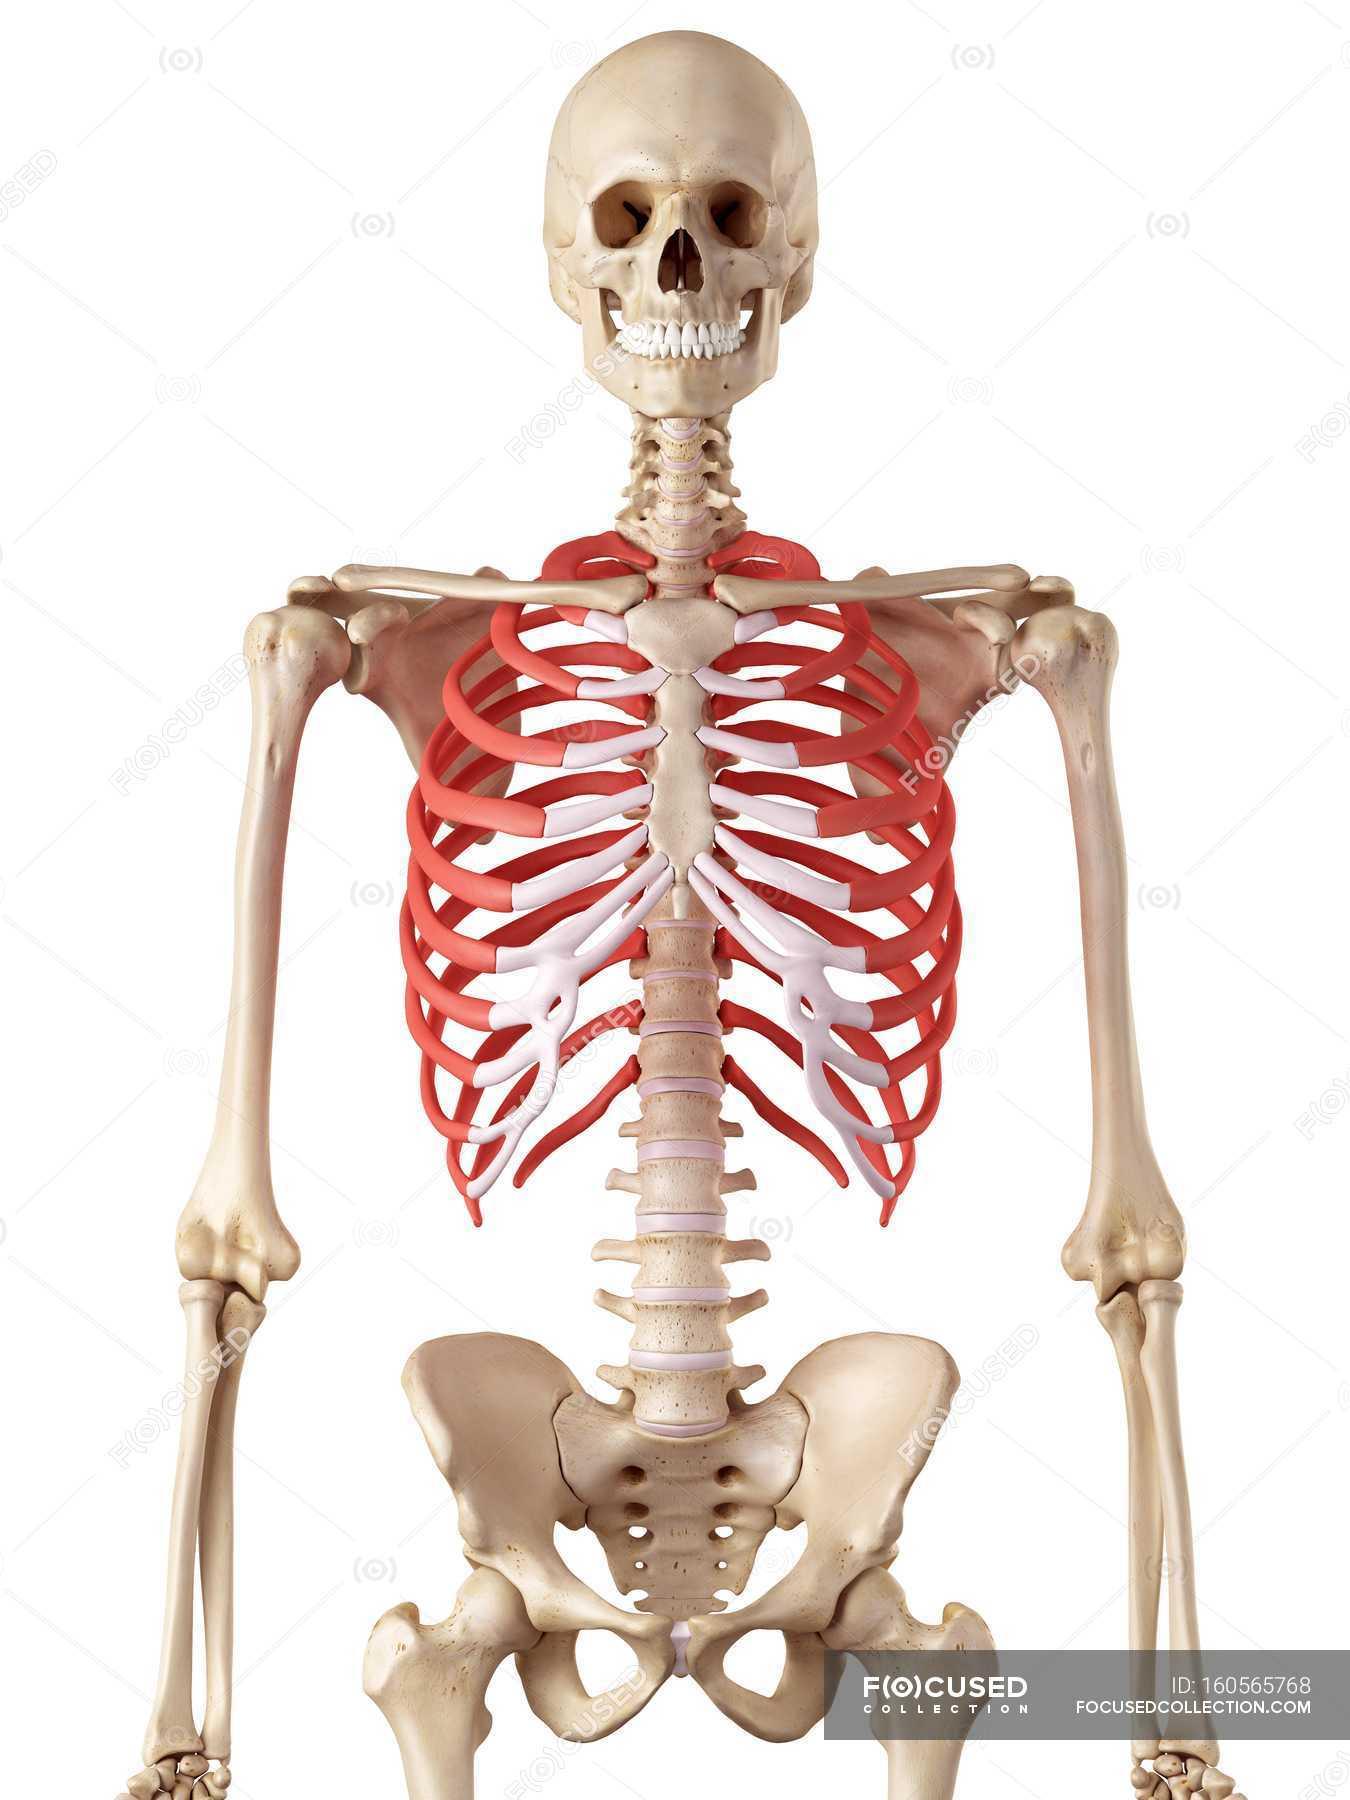 Anatomie der menschlichen Brustkorb — Stockfoto | #160565768